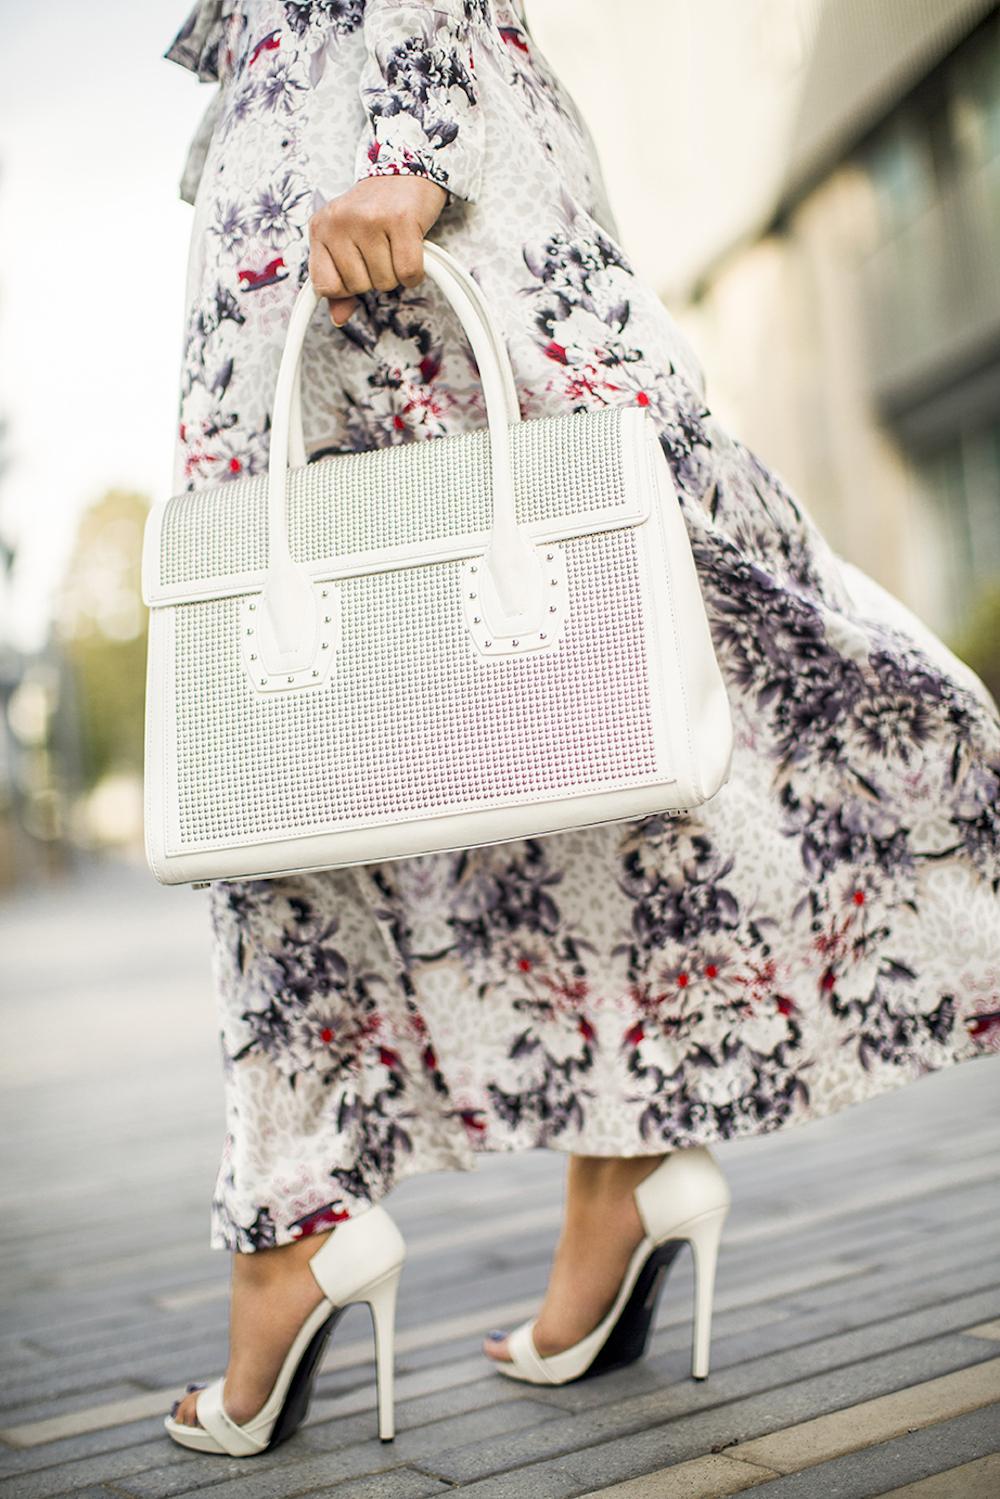 bag and heels closeup